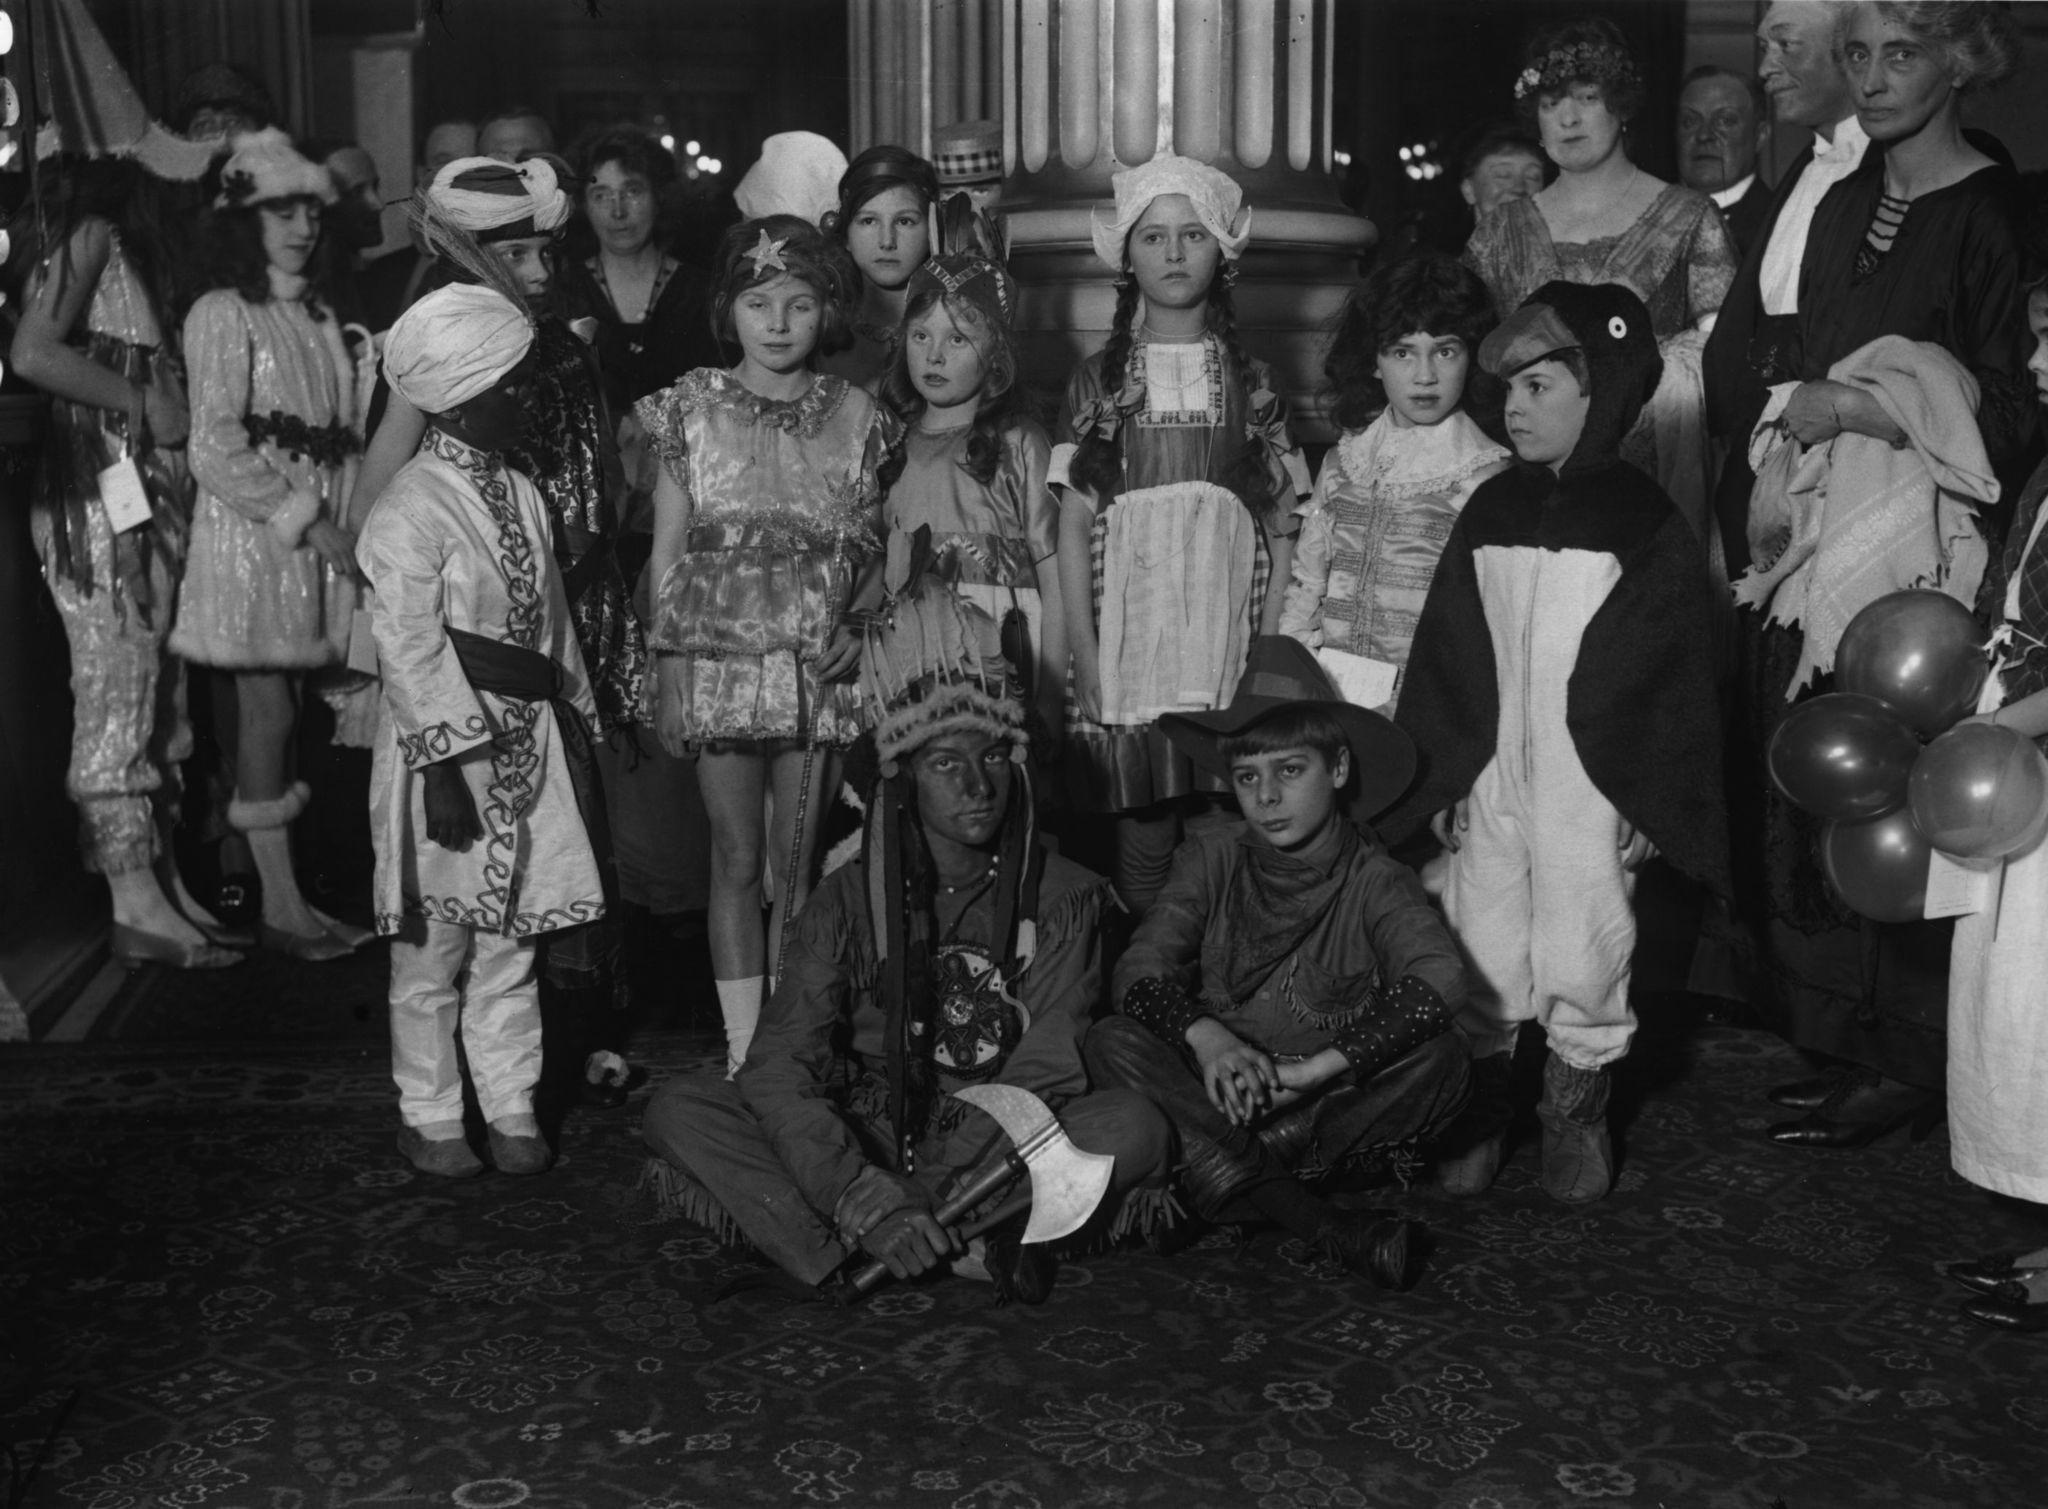 1922. Группа детей, наряженная для новогодней маскарадной вечеринки.jpg